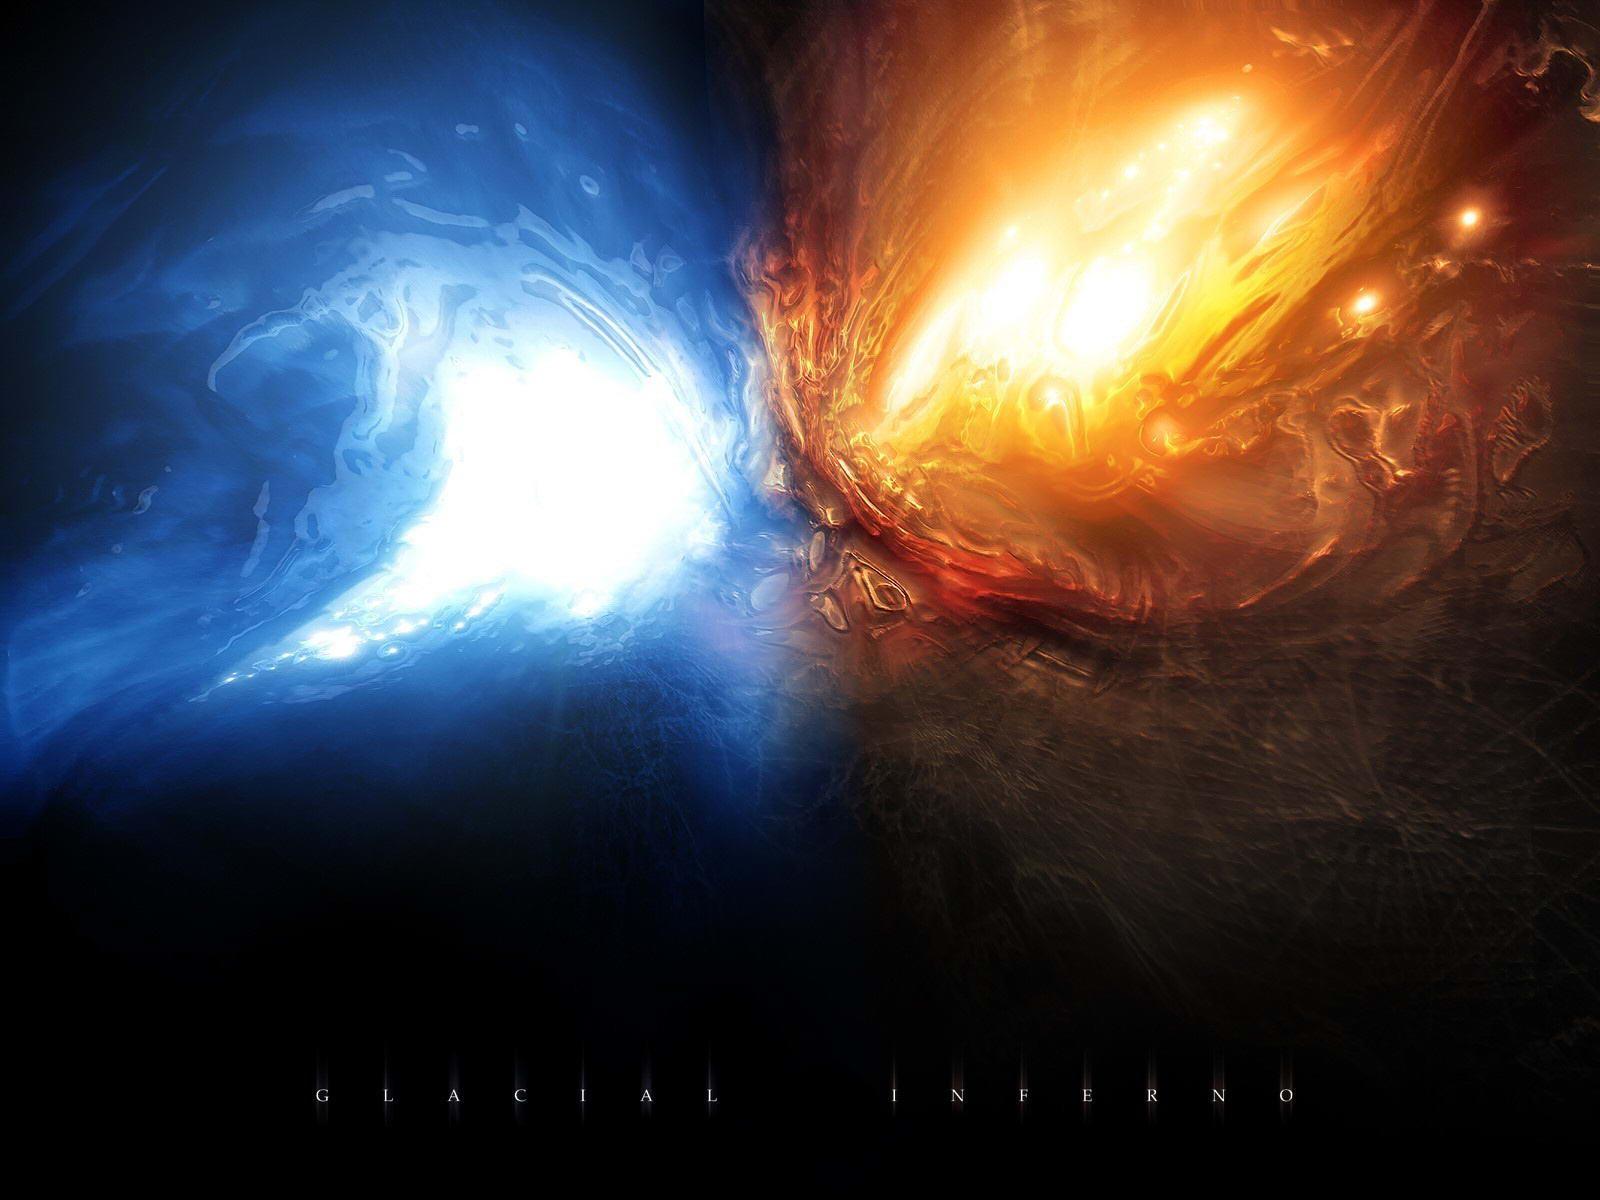 http://4.bp.blogspot.com/_6F1goSN3h9s/TH7Xnof9iRI/AAAAAAAAAMk/Y9Q1HYigN_I/s1600/planets%252B(8).jpg